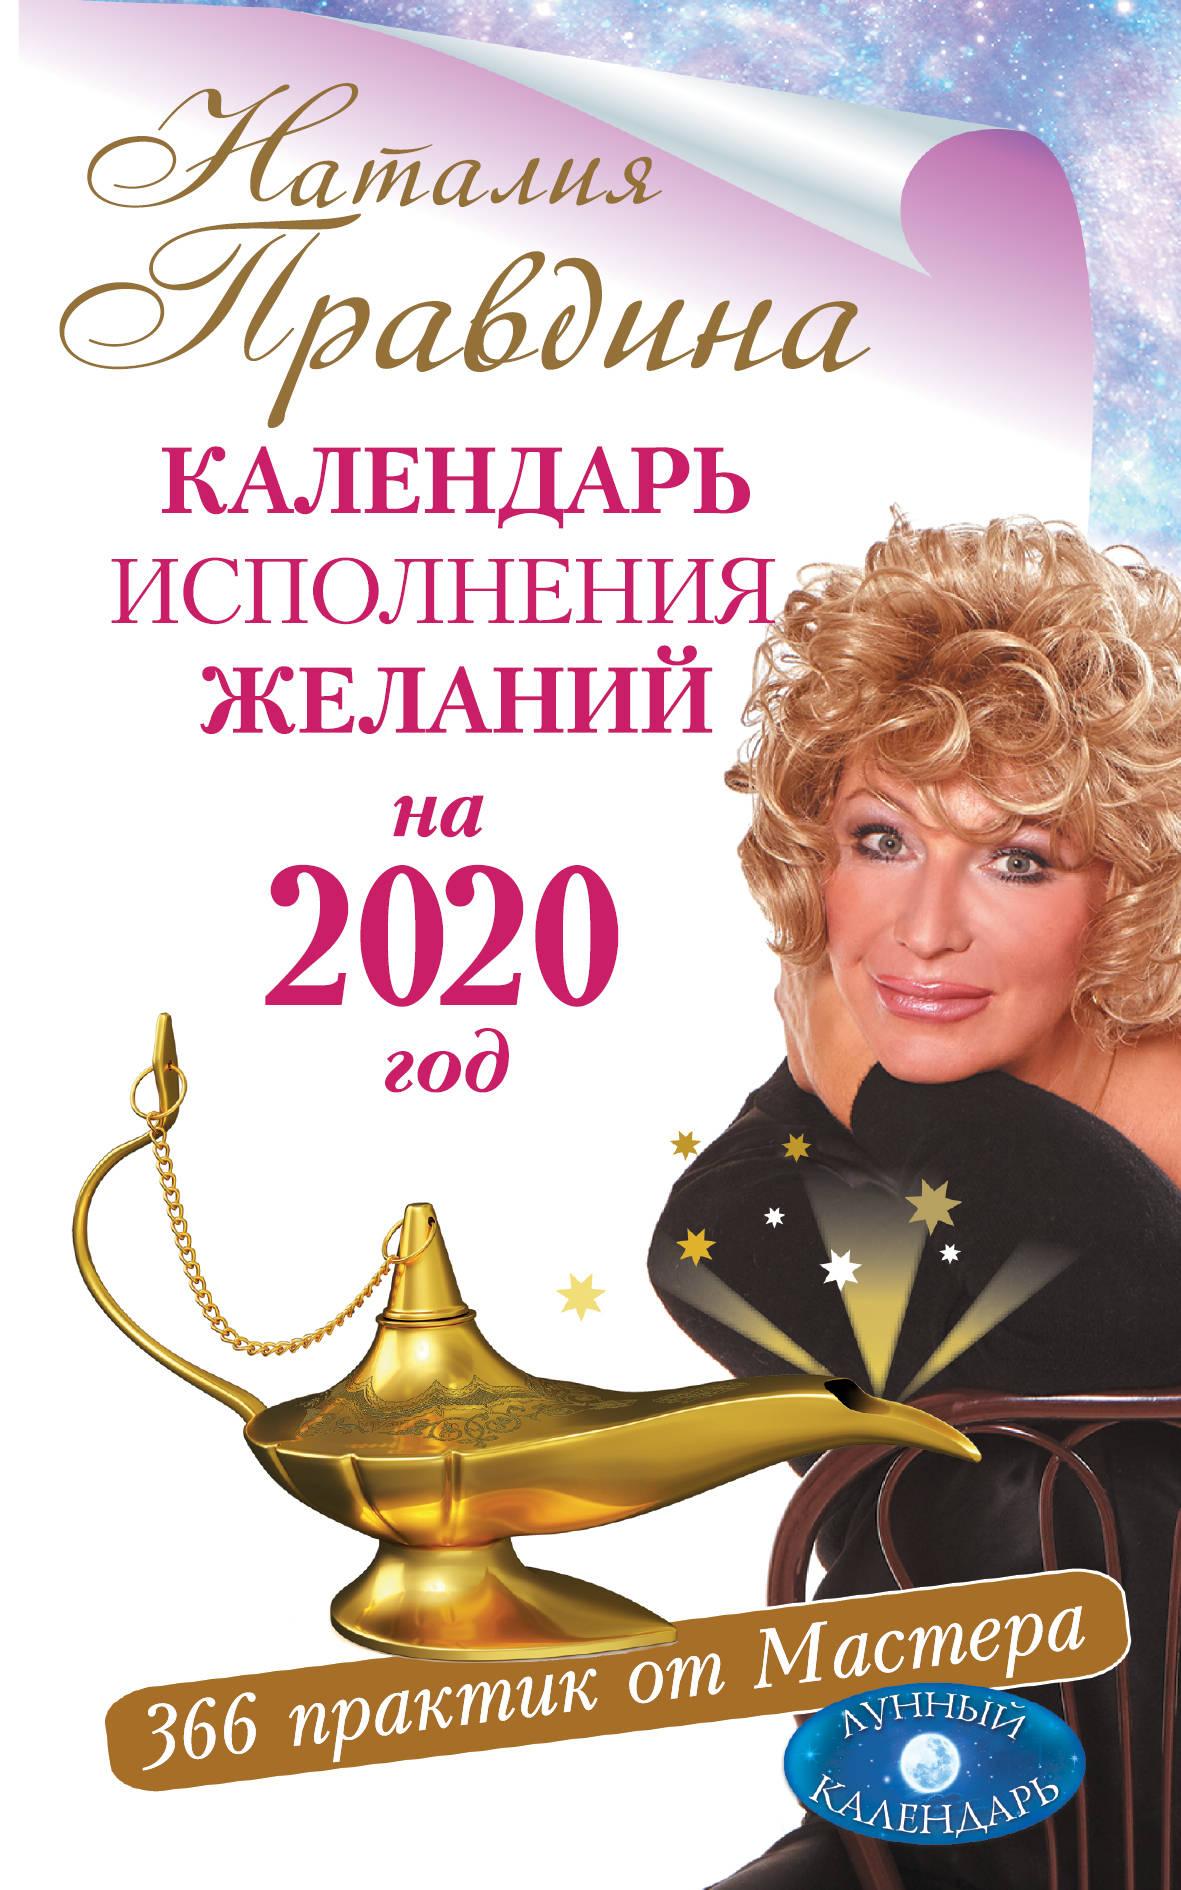 Kalendar ispolnenija zhelanij na 2020 god. 366 praktik ot Mastera. Lunnyj kalendar